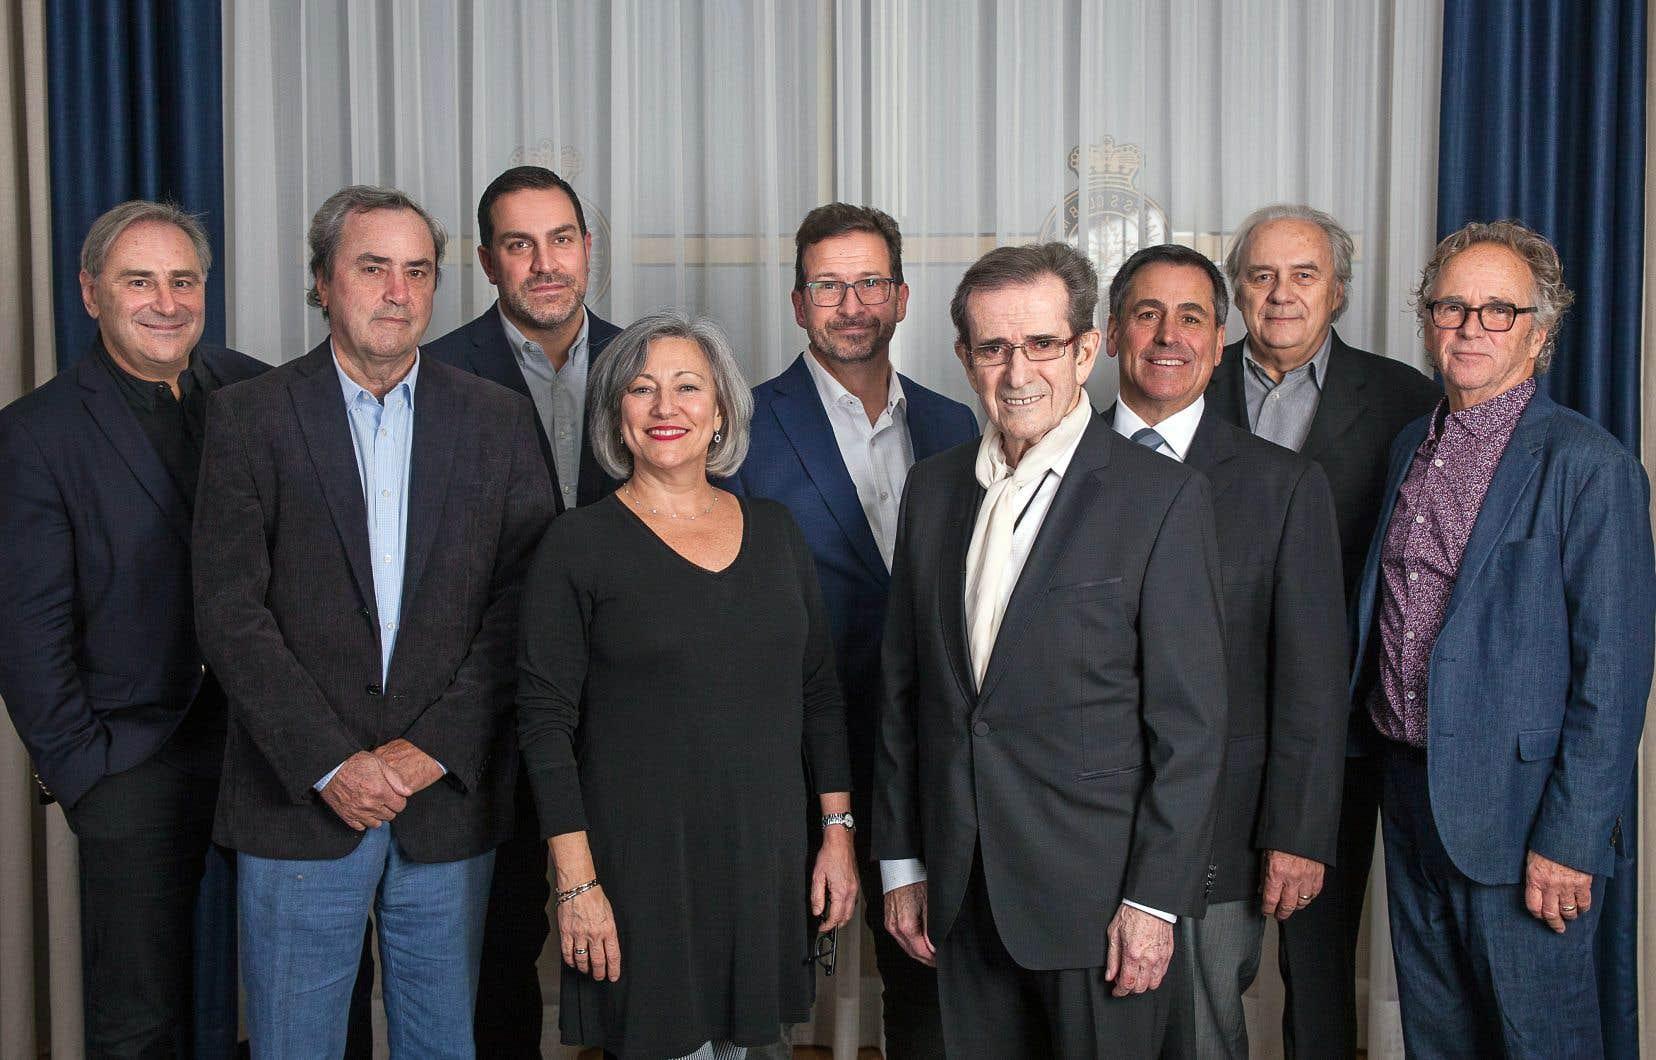 D'actuels et d'anciens dirigeants de l'ADISQ se sont réunis mardi soir pour réfléchir sur les défis propres à l'avenir. De gauche à droite: Jacques K. Primeau, Michel Sabourin, Philippe Archam-bault, Solange Drouin, Yves-François Blan-chet, Guy Latra-verse, Pierre Rodrigue, André Ménard et Paul Dupont-Hébert.